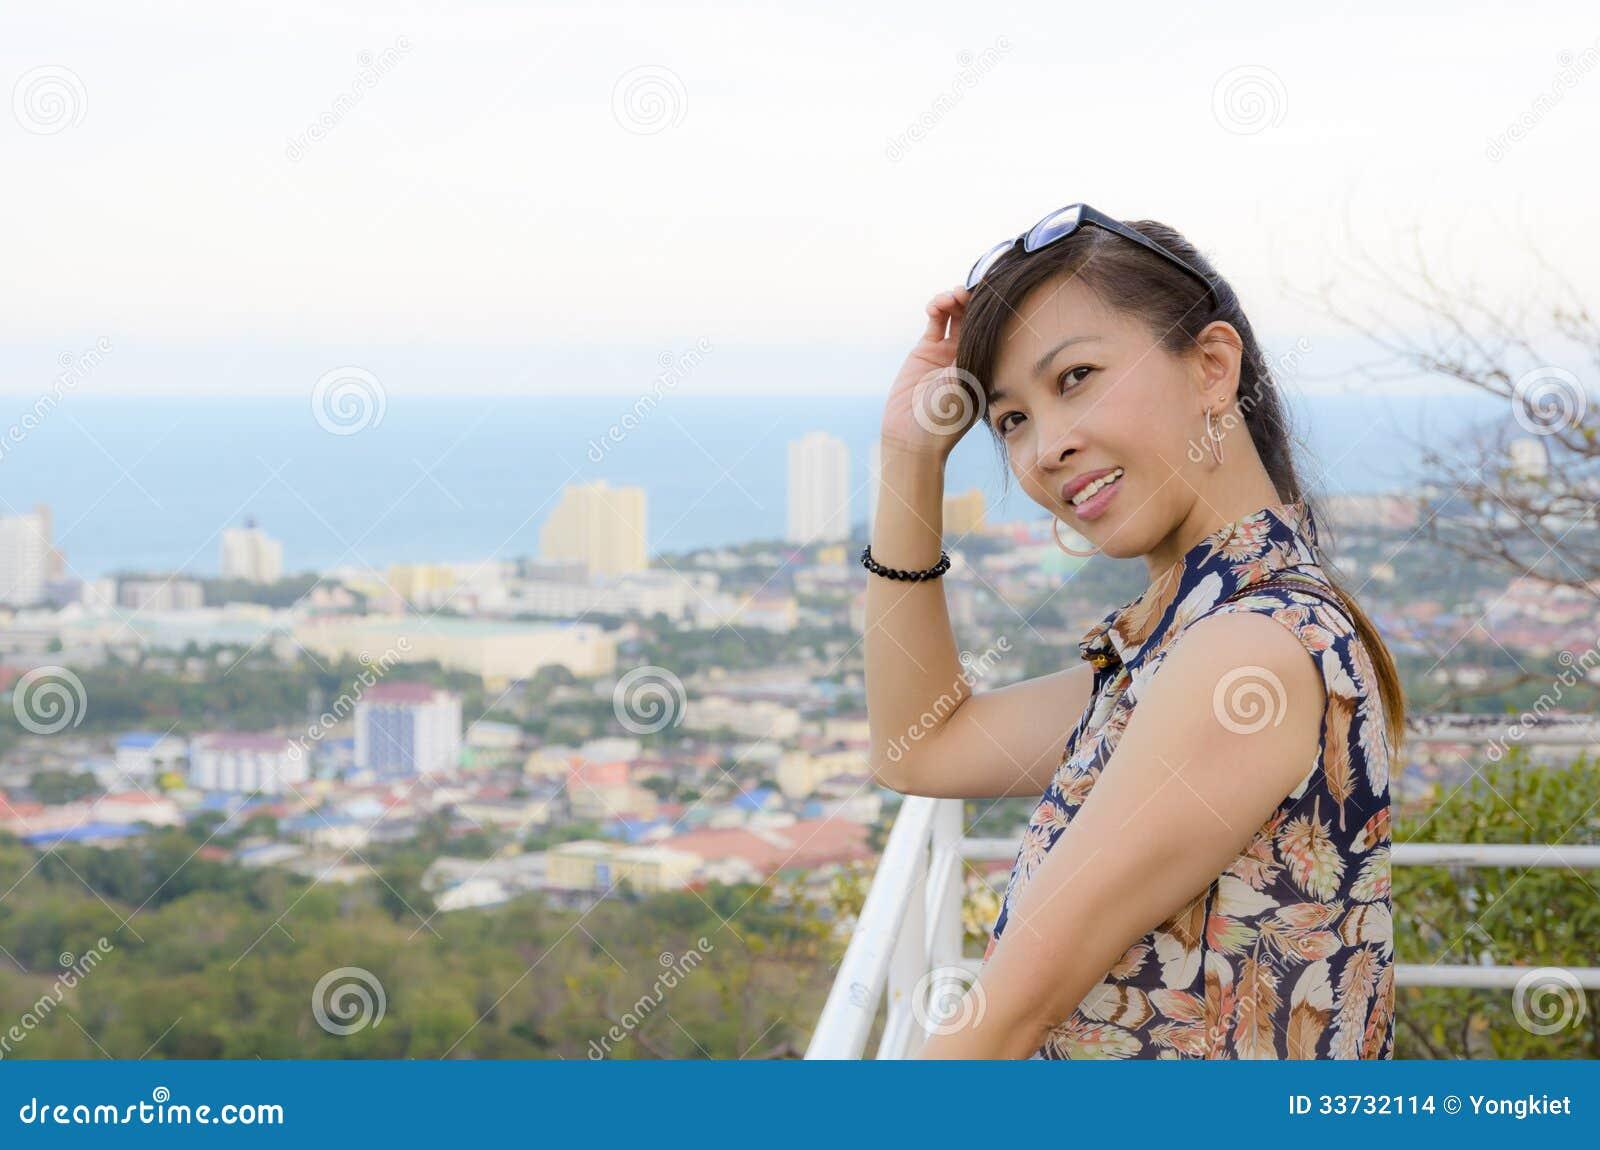 Женщина представляет на высокой точке обозревая город.